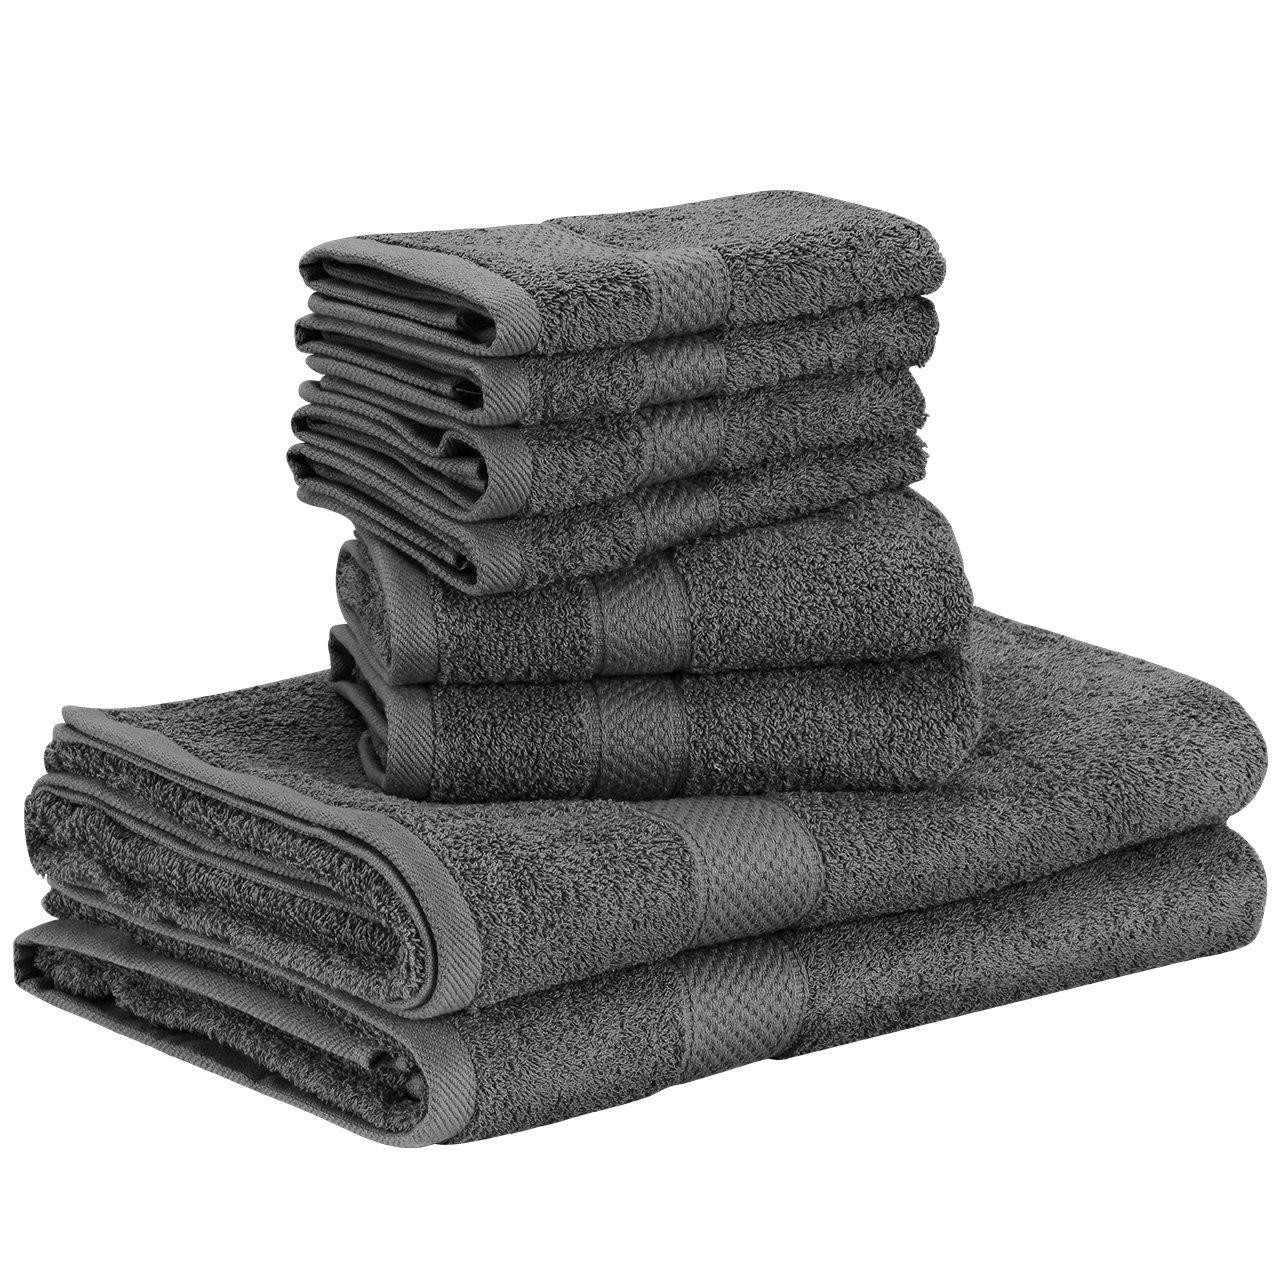 Homitt 8 tlg Handtuch-Set, 4 Gesicht Handtücher 2 Handtücher 2 Duschtücher, Baumwolle Handtücher Set Badetücher Gästetücher Duschtuch 70x140cm Grau